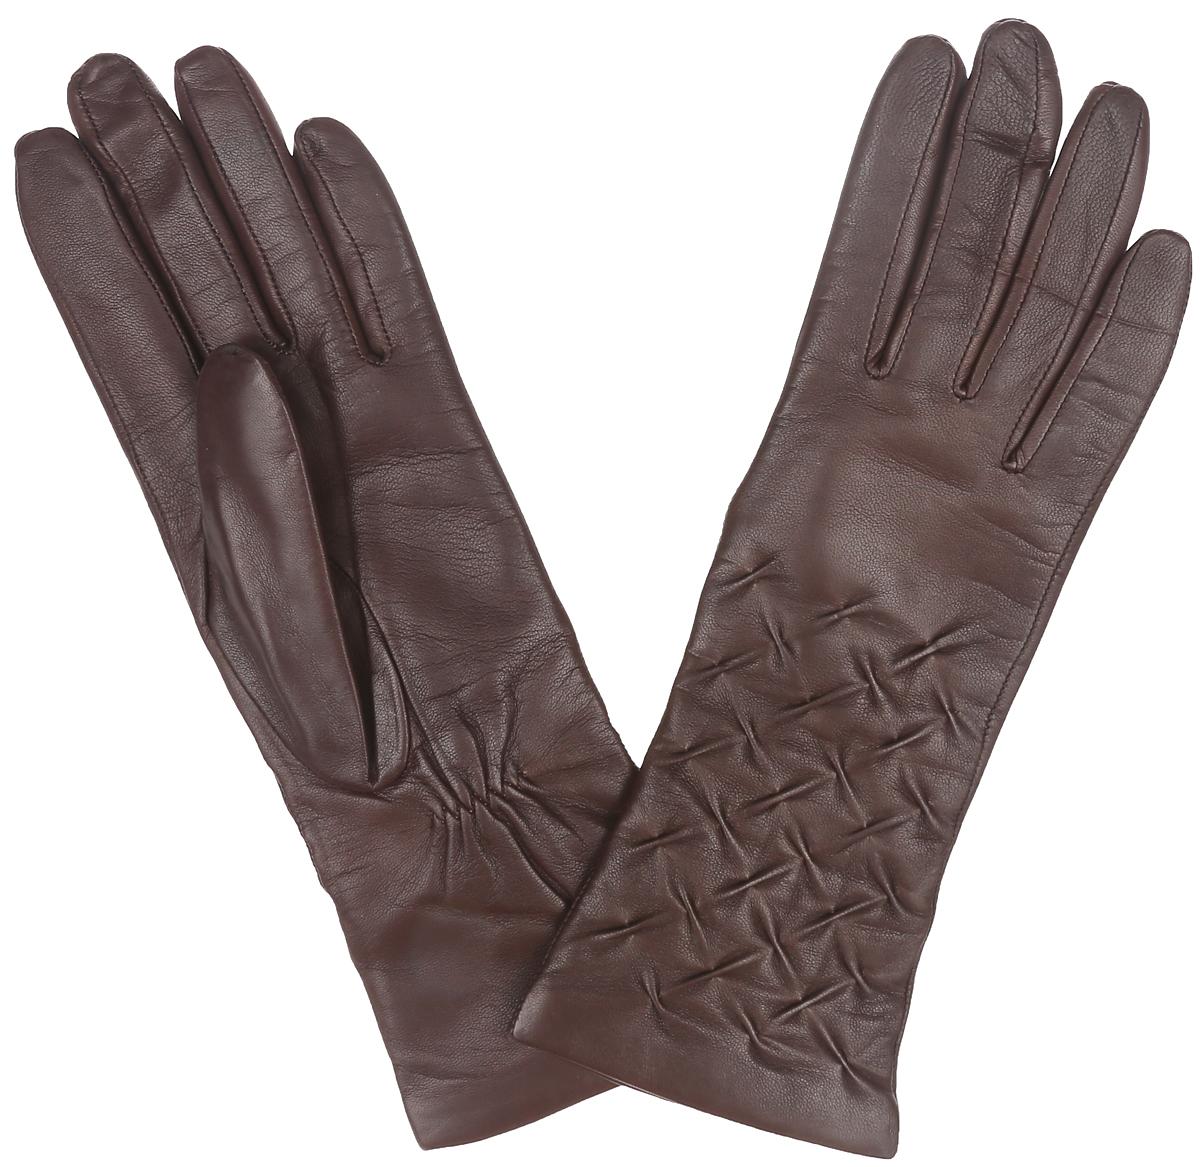 ПерчаткиIS125-shКлассические женские перчатки Eleganzza идеально подойдут для модниц с узкой ручкой. Перчатки выполнены из необыкновенно мягкой и приятной на ощупь кожи ягненка, а их подкладка - из натуральной шерсти с добавлением кашемира. Лицевая сторона украшена декоративным тиснением. Тыльная сторона дополнена резинкой для оптимальной посадки модели на руке. Потрясающие женские перчатки Eleganzza подойдут романтичным особам с тонким вкусом. Но самое главное - они защитят руки от холода и ветра, сохраняя их красоту.